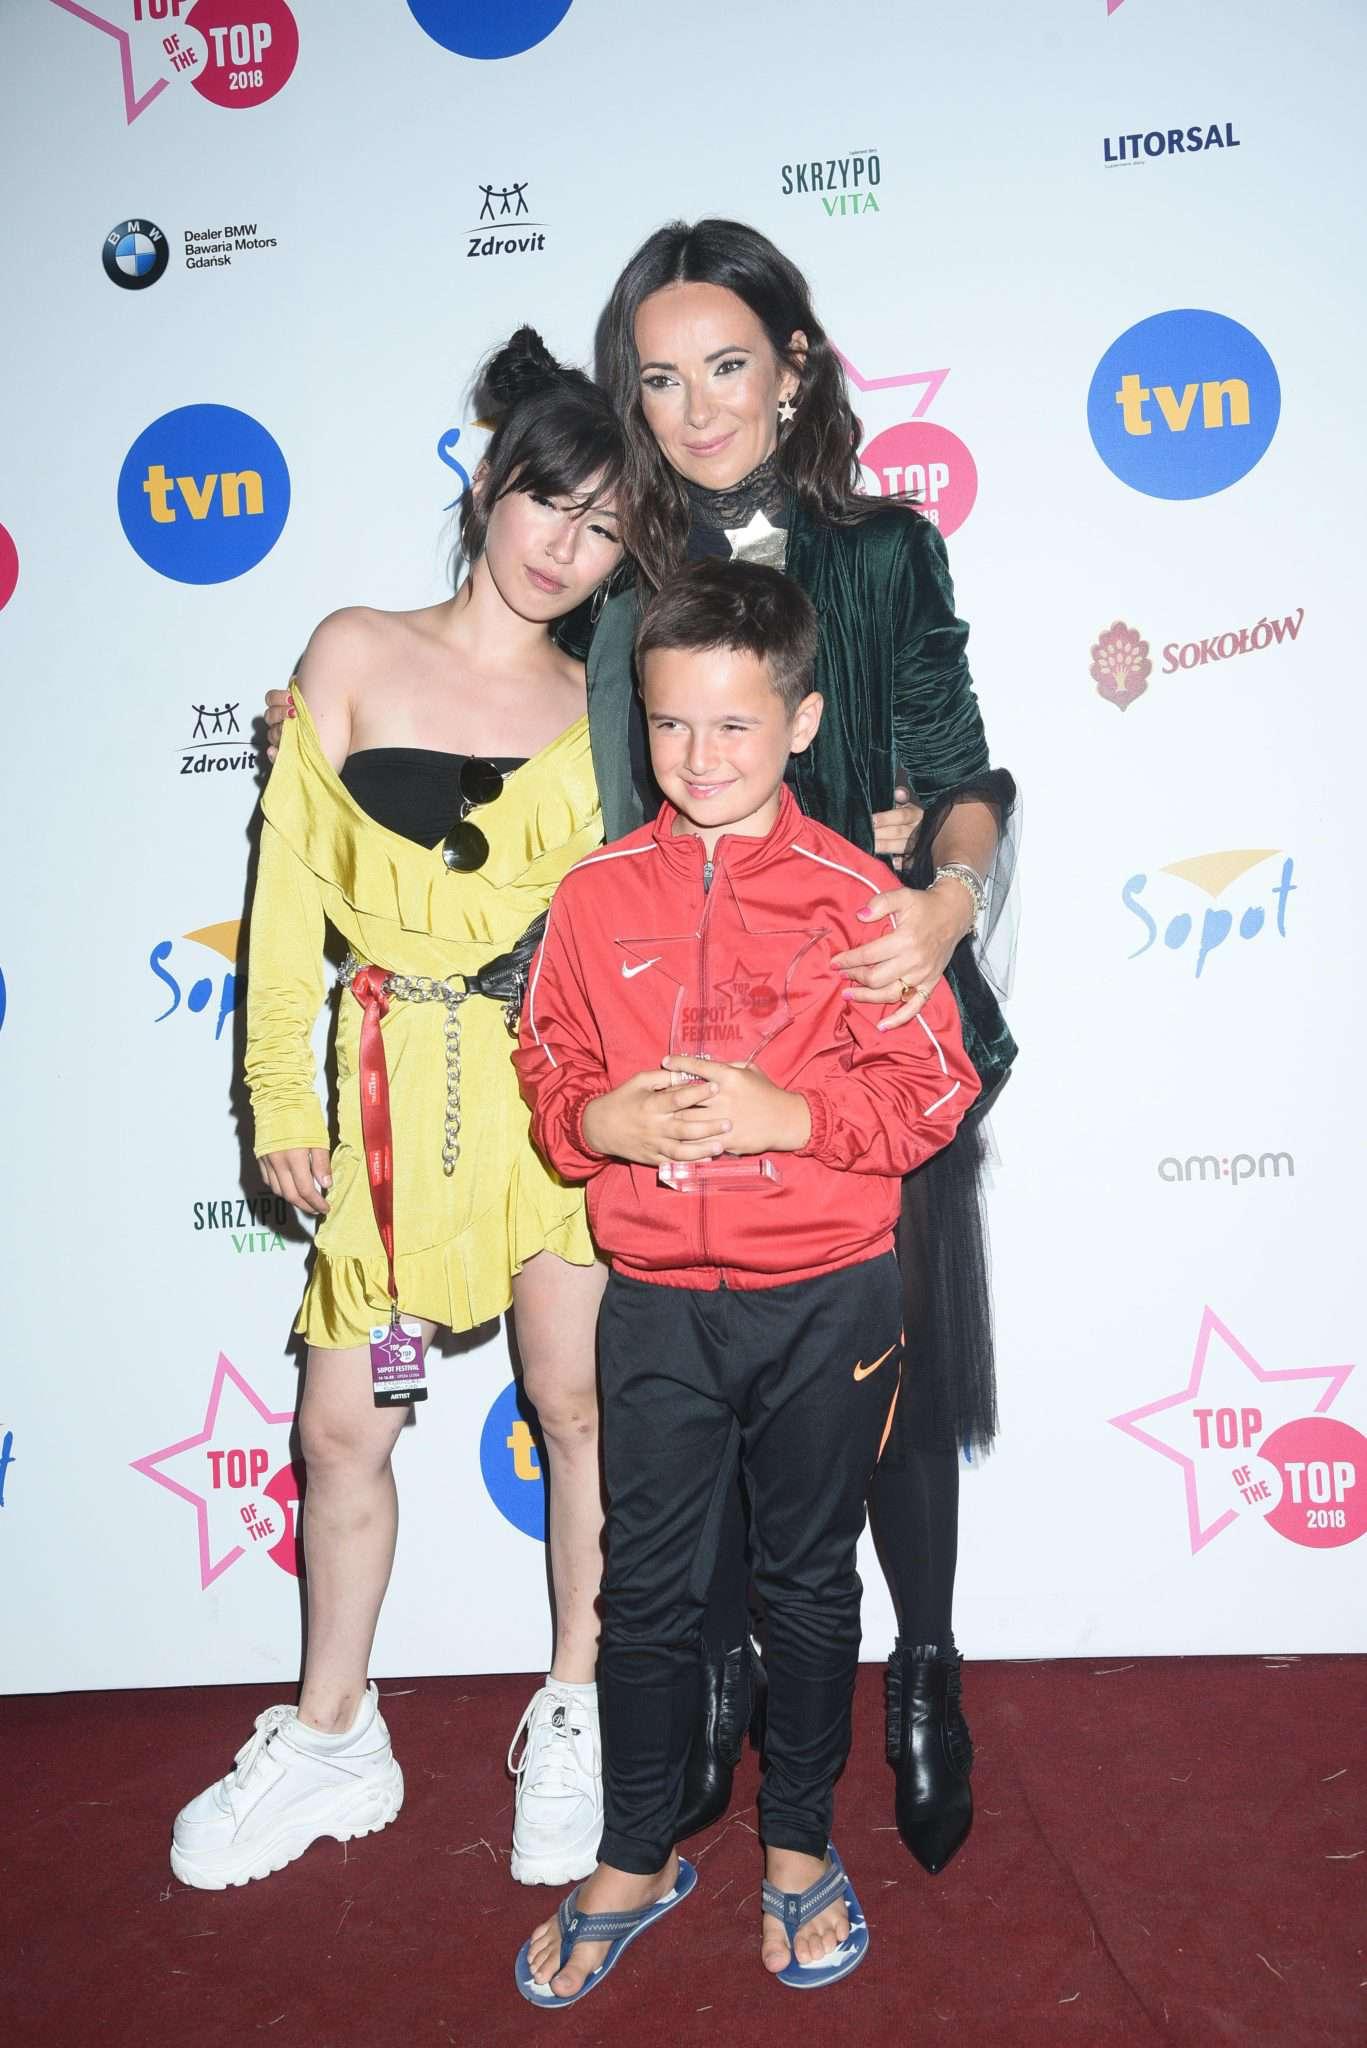 Kasia Kowalska z dziećmi, córką Olą i synem Ignacym – Top of the Top 2018 Sopot Festival